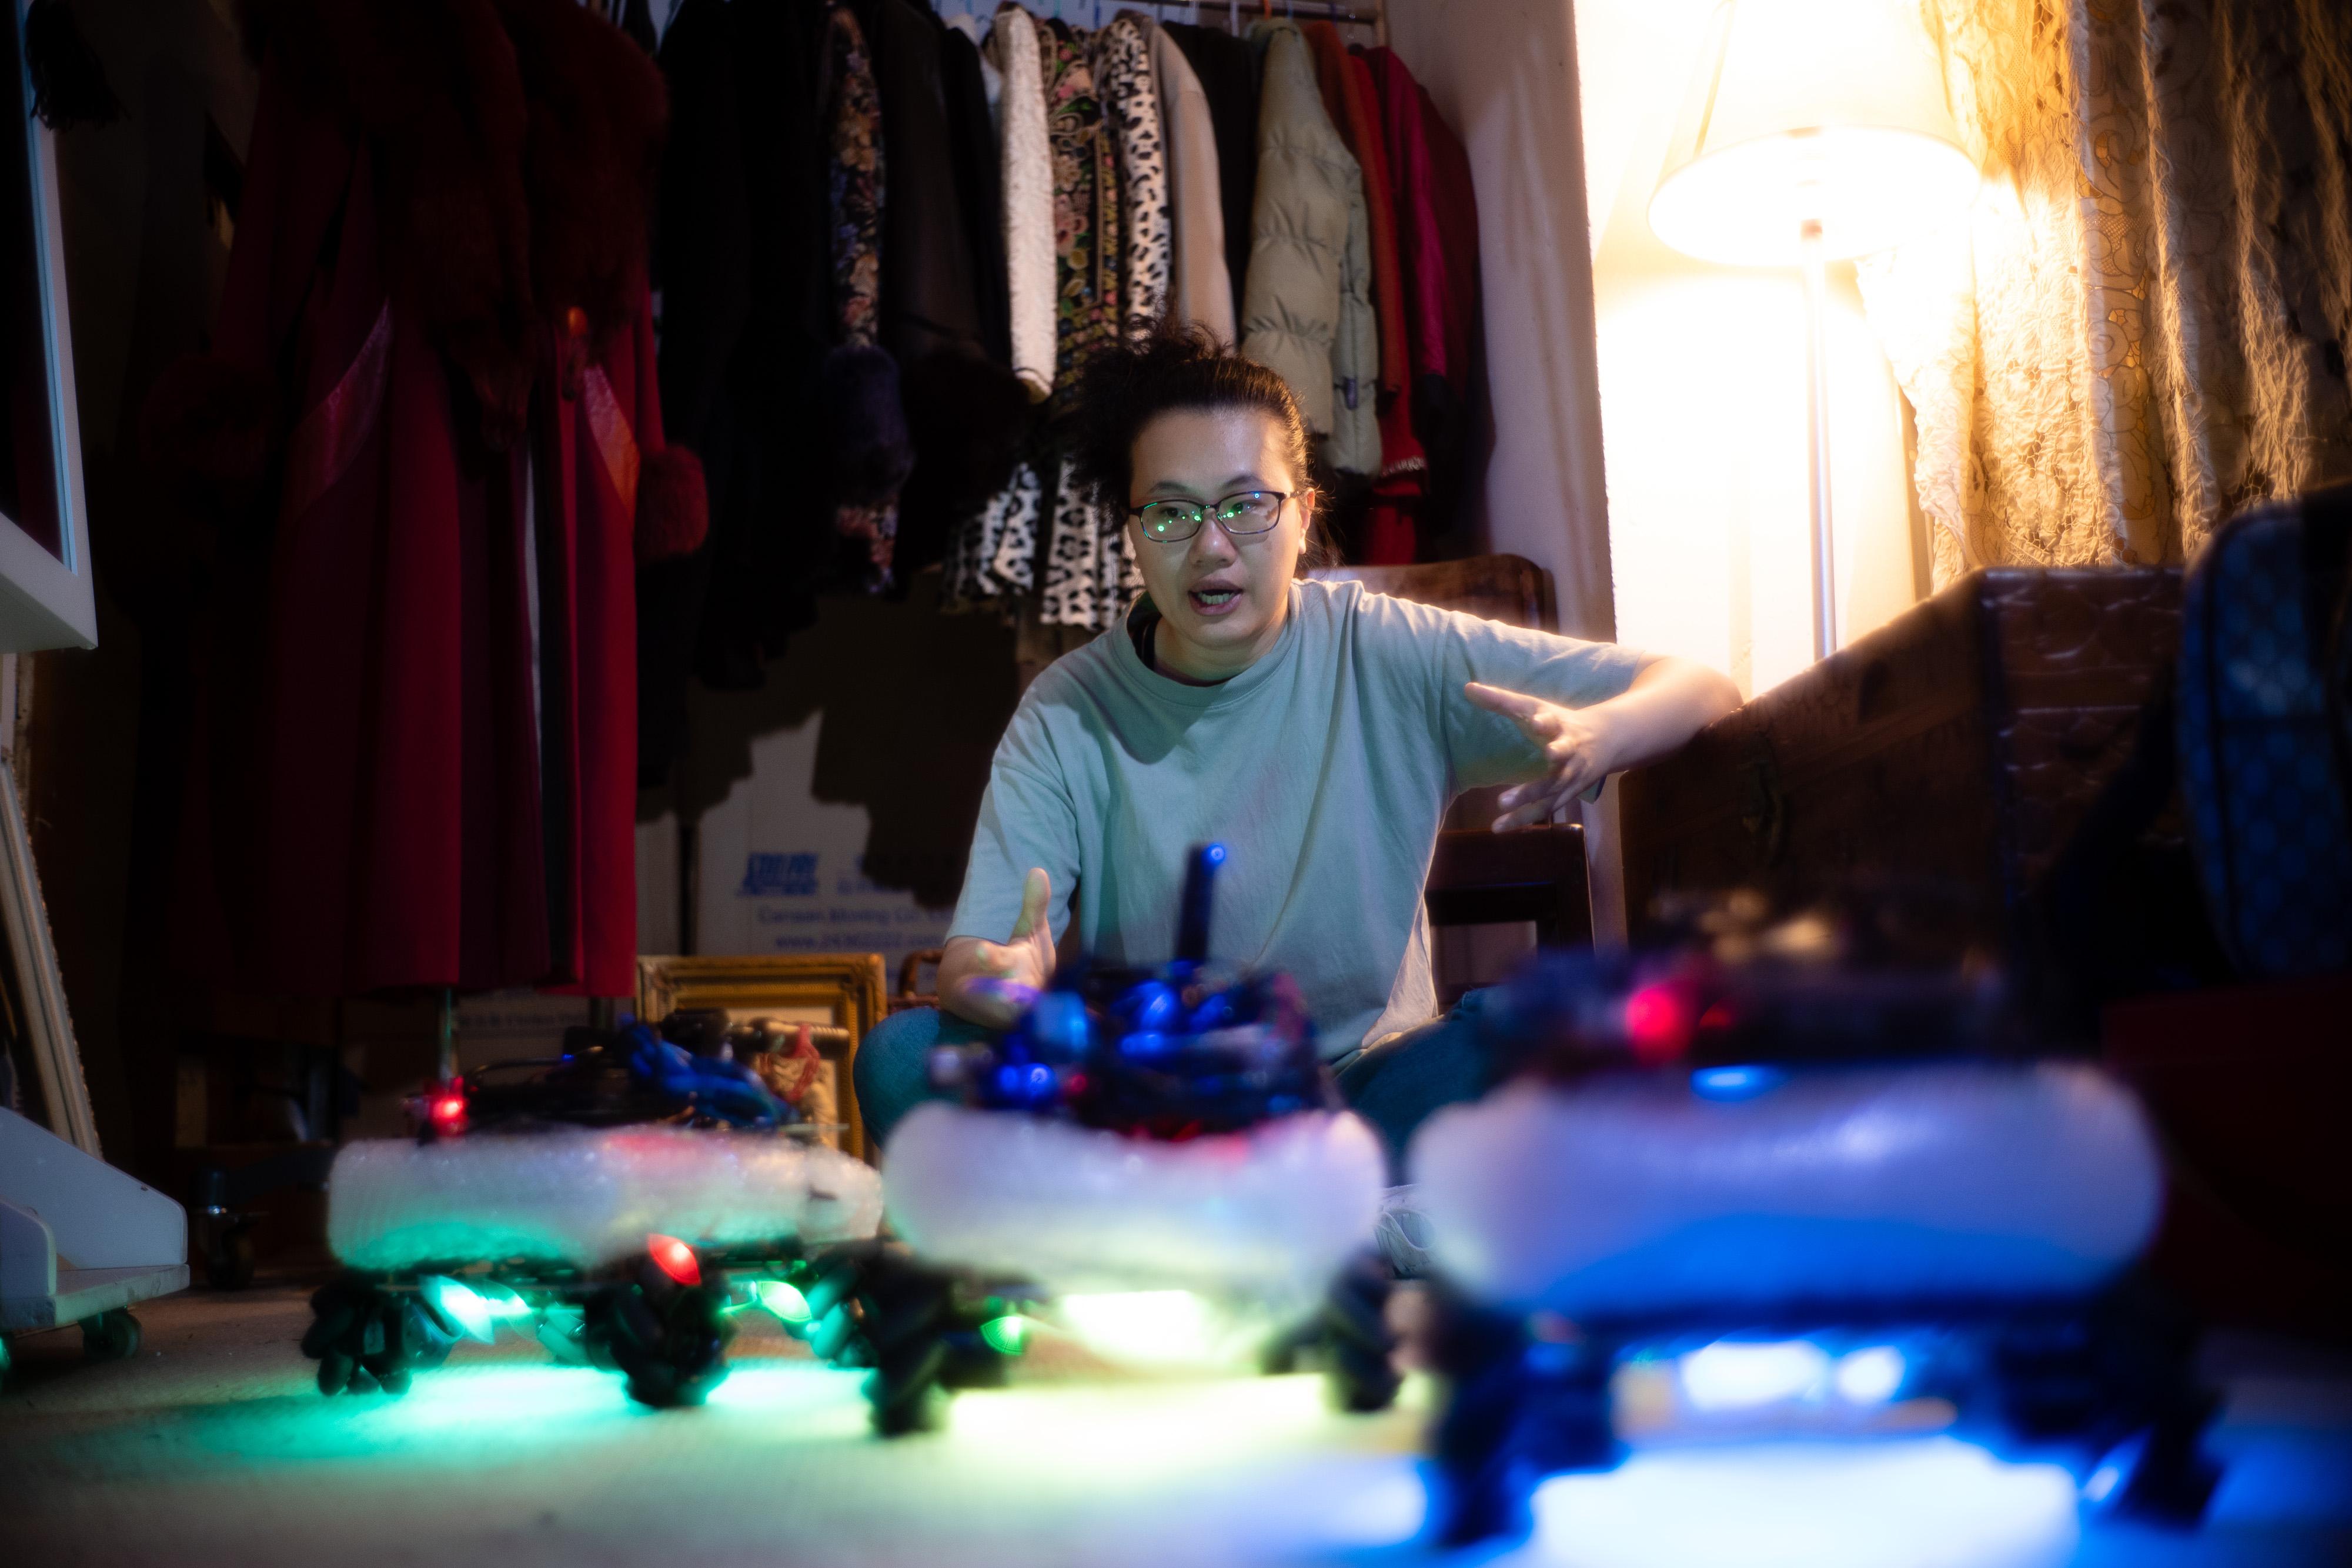 《遙距在場》/人物:李婉晶/類別:《遙距在場》、演出/攝影:Jerry Ip/(天台製作 • 香港專業劇團)